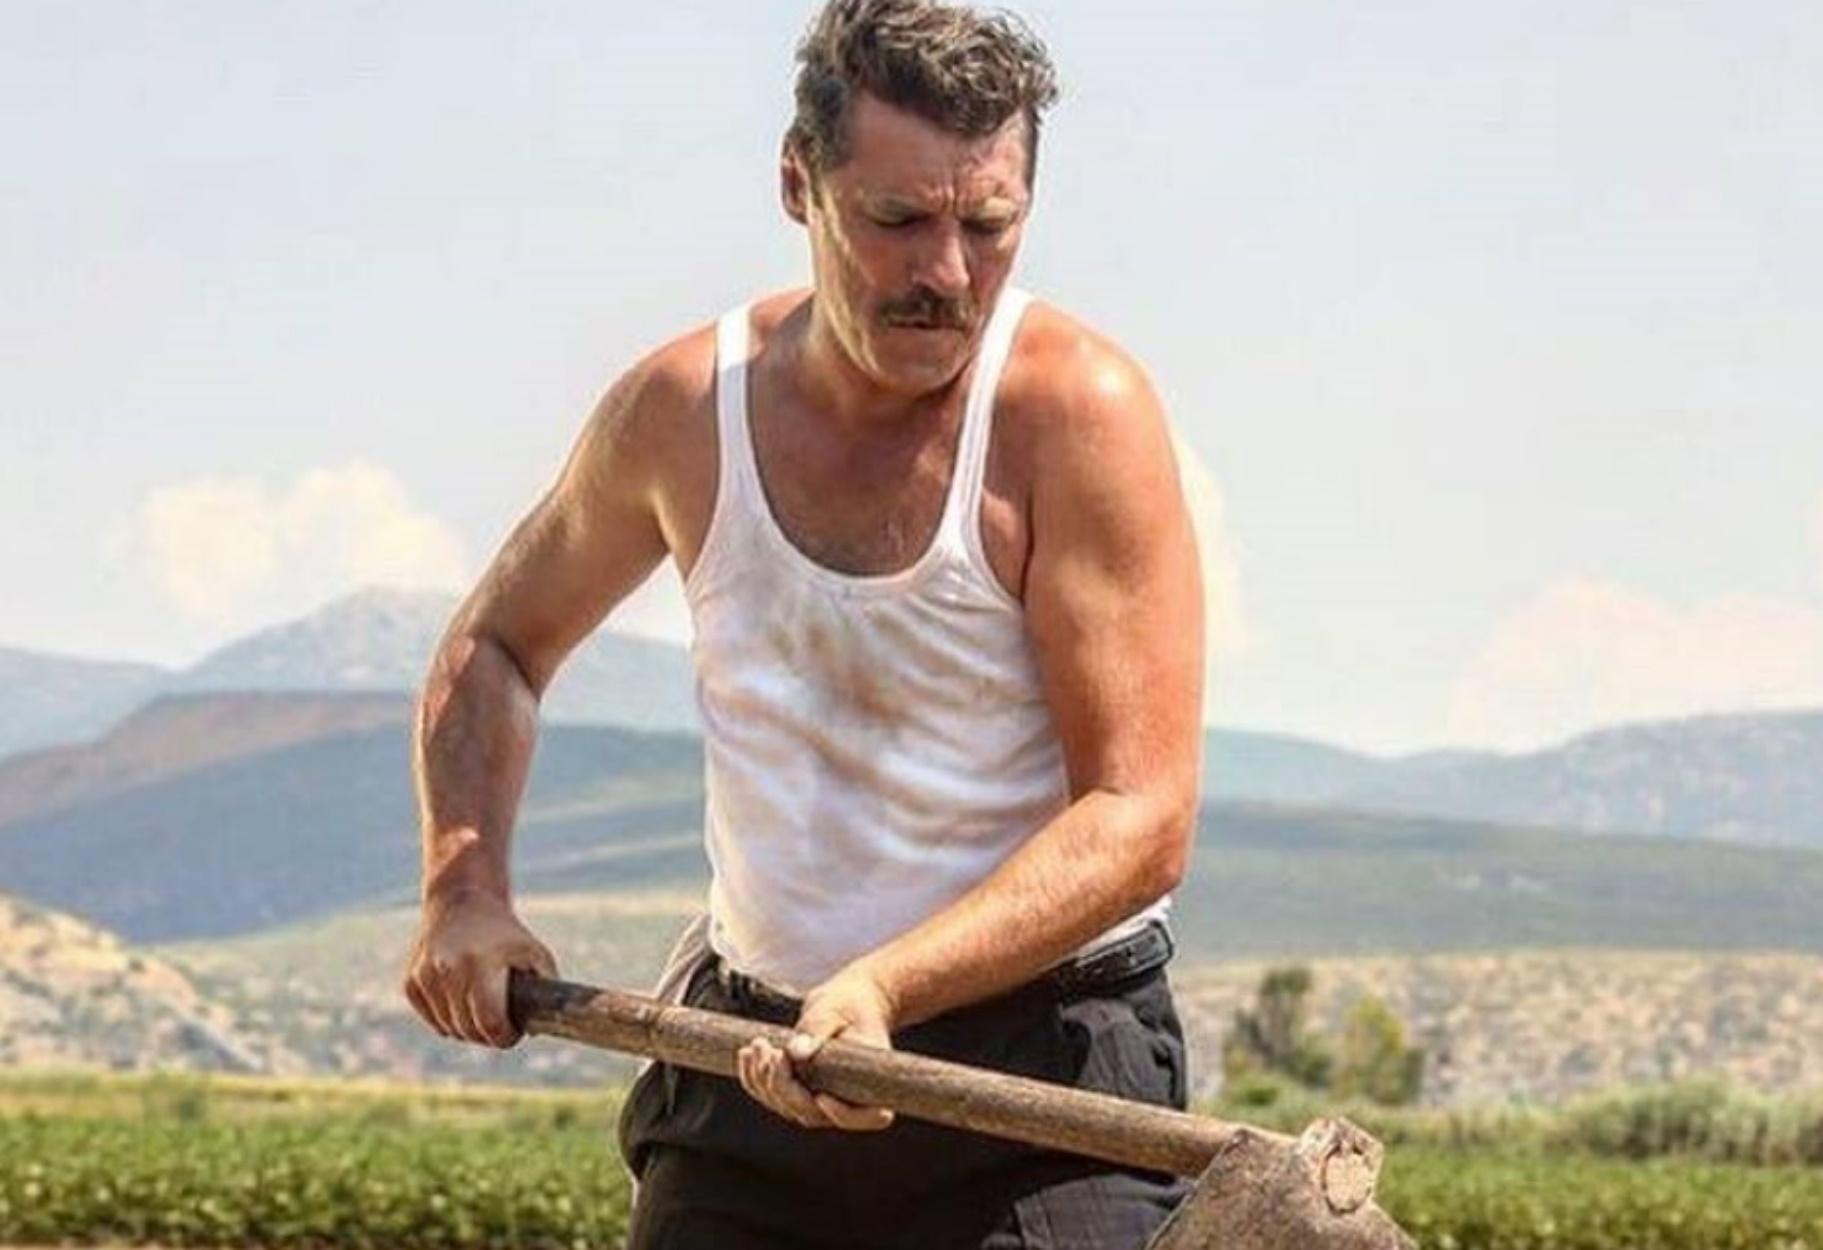 Γιάννης Στάνκογλου – Άγριες Μέλισσες: «Τον ευχαριστήθηκα τον Κυπραίο, ήταν τόσο κόντρα με εμένα»